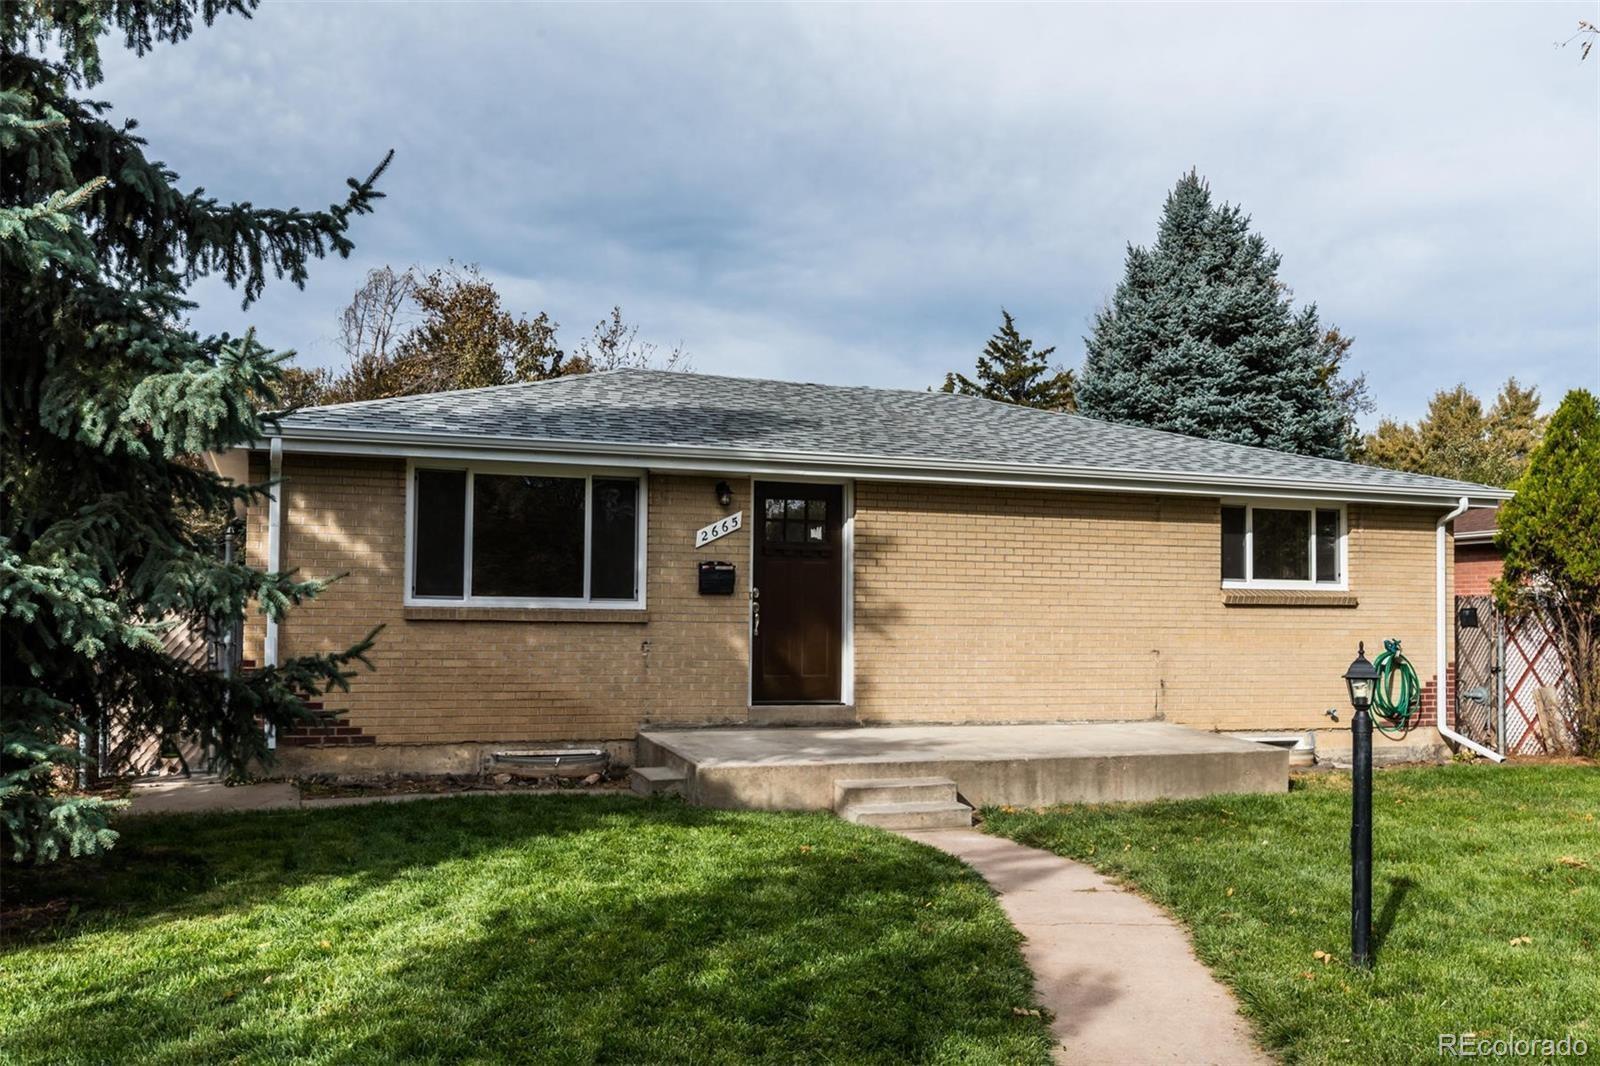 MLS# 2795033 - 2 - 2665 S Josephine Street, Denver, CO 80210